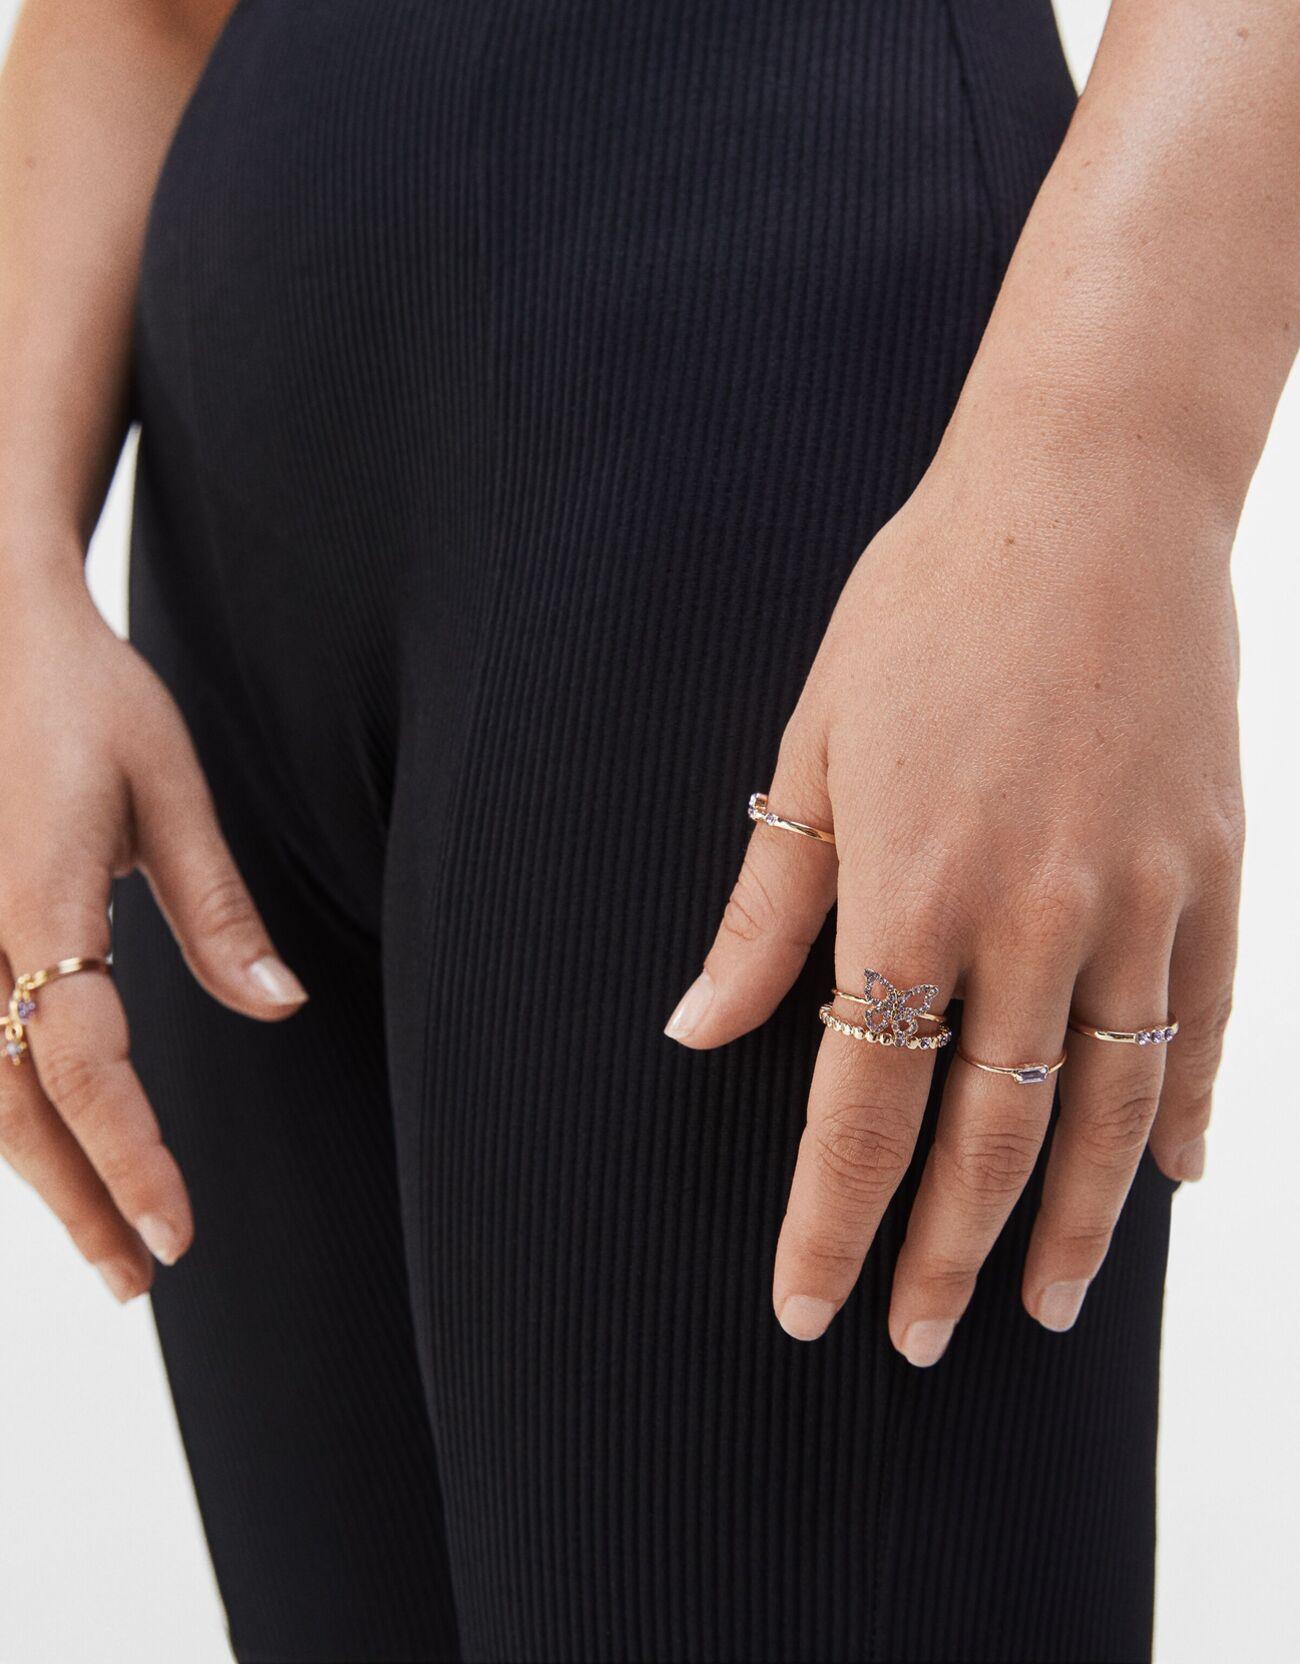 Colección de nueve anillos mini con brillantes y mariposas